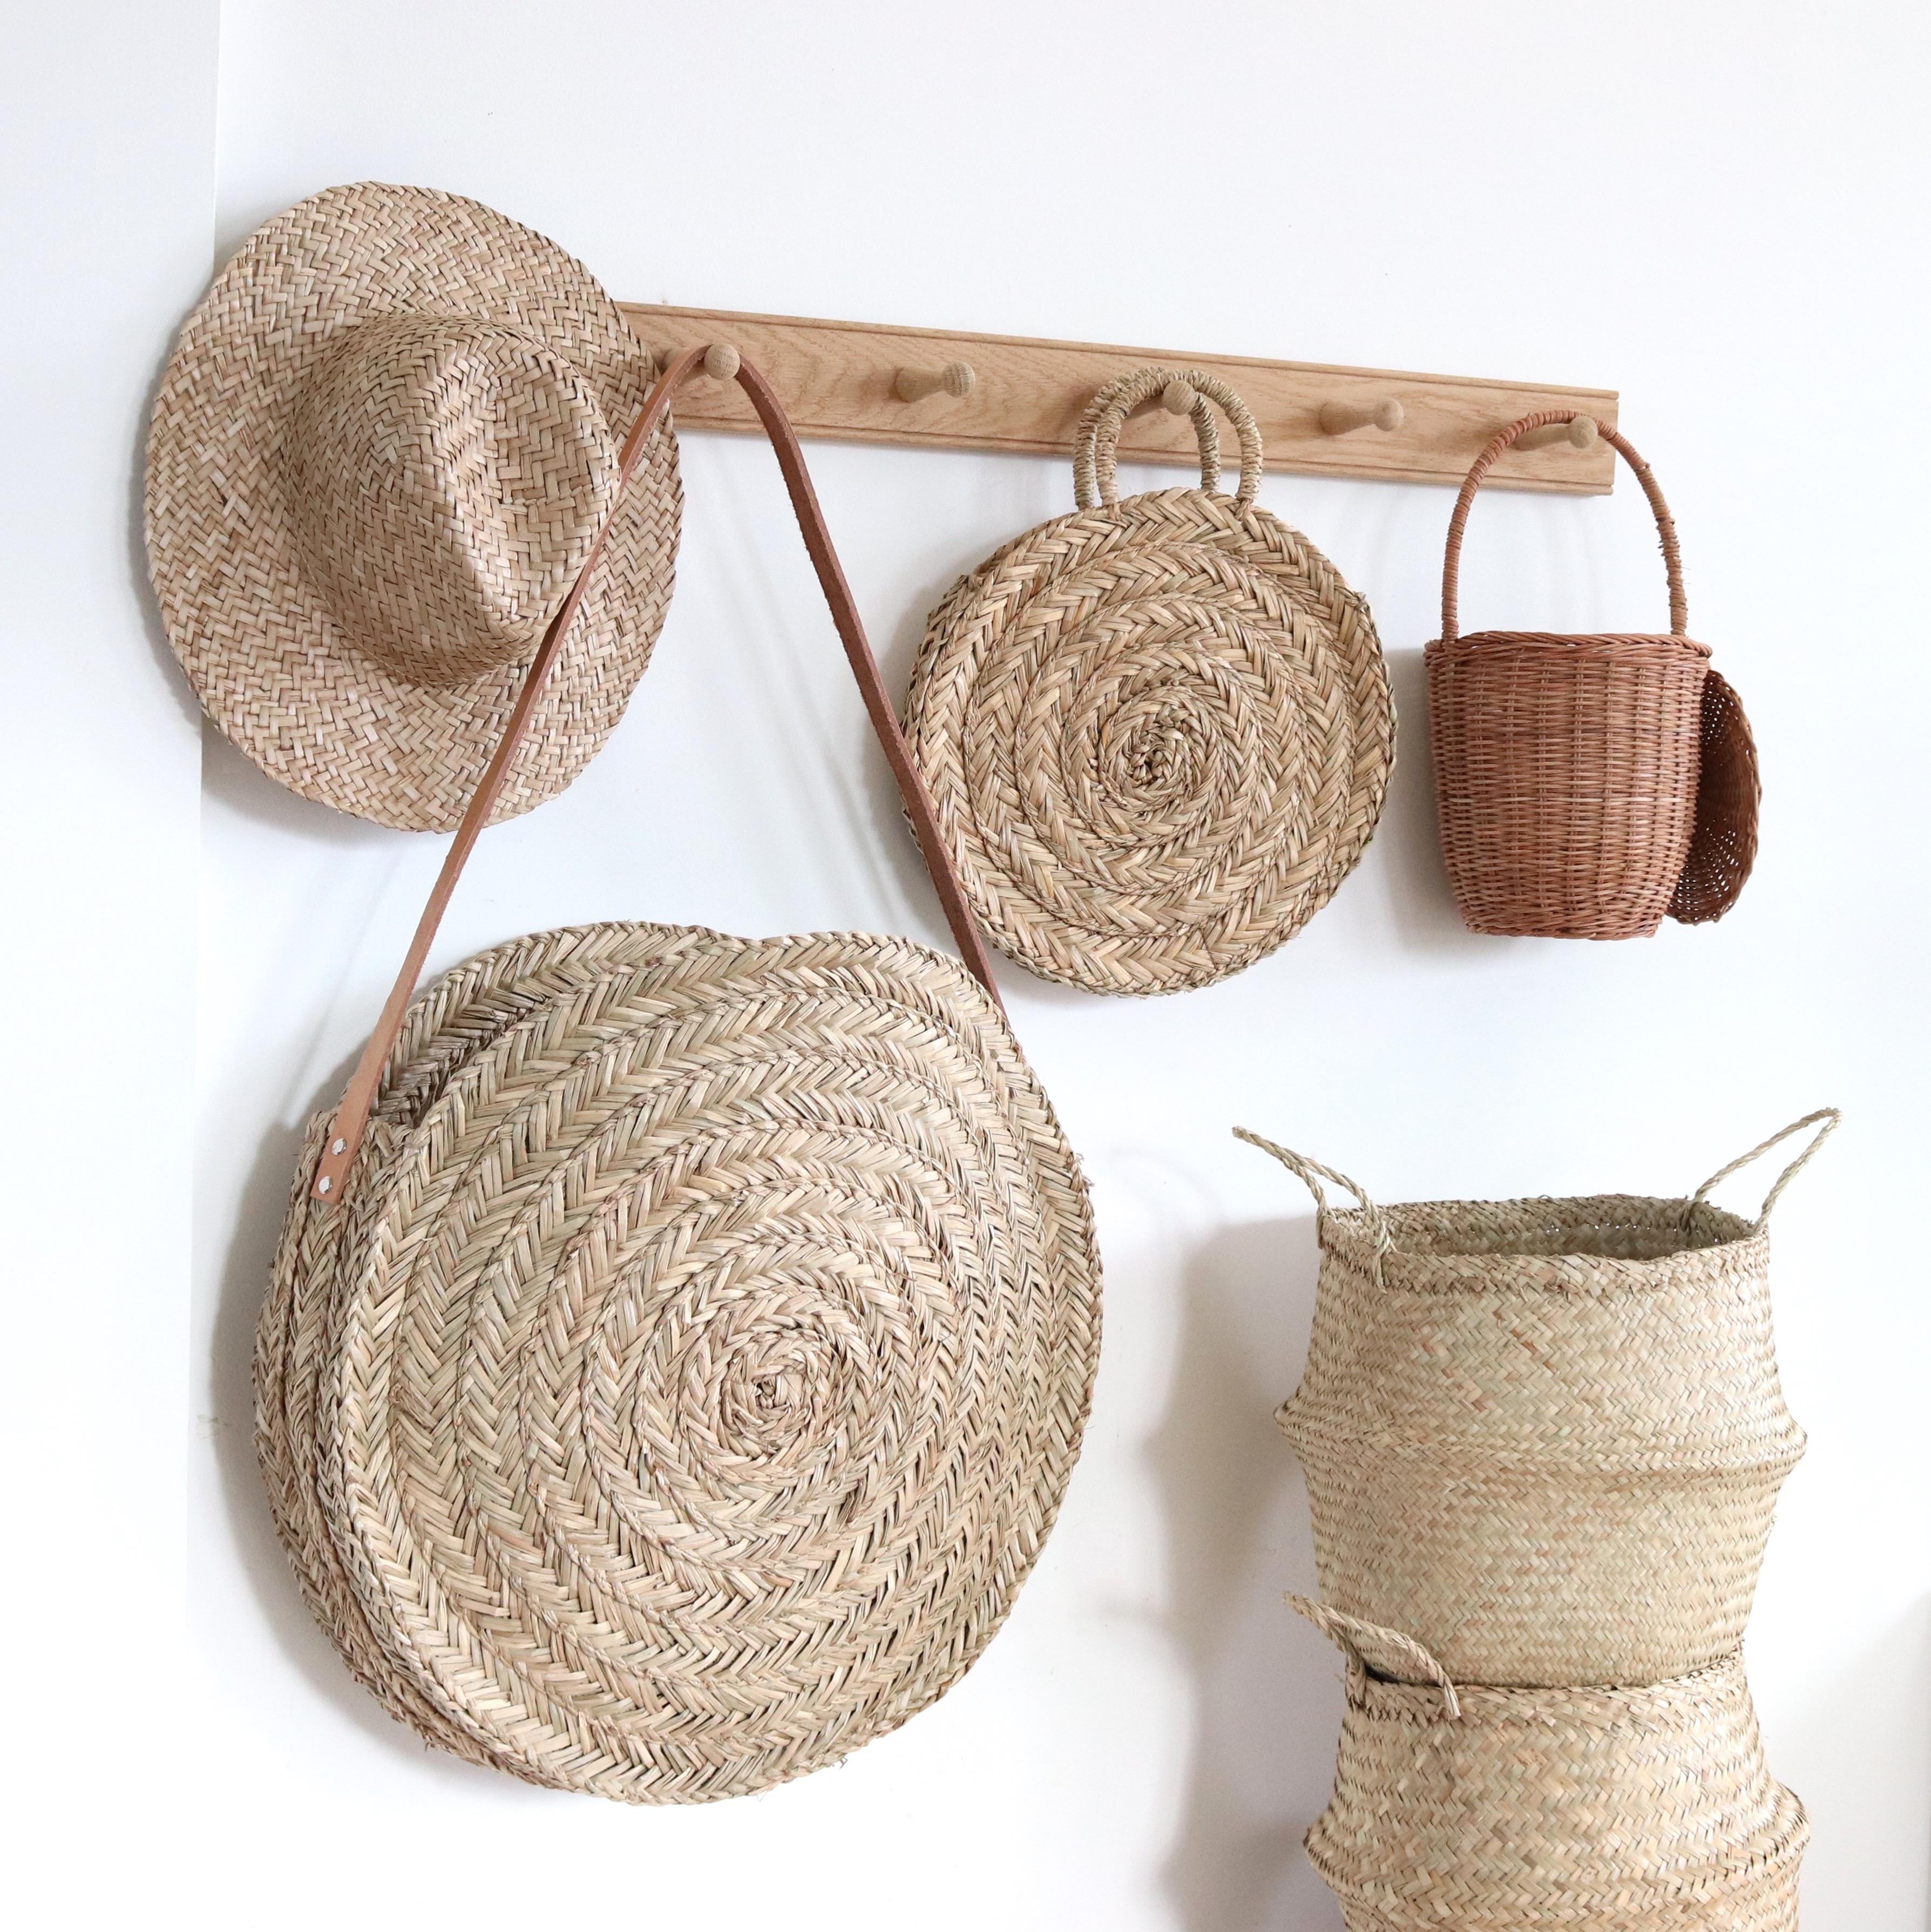 panier rond en paille bloom xl avec anse en cuir le joli. Black Bedroom Furniture Sets. Home Design Ideas